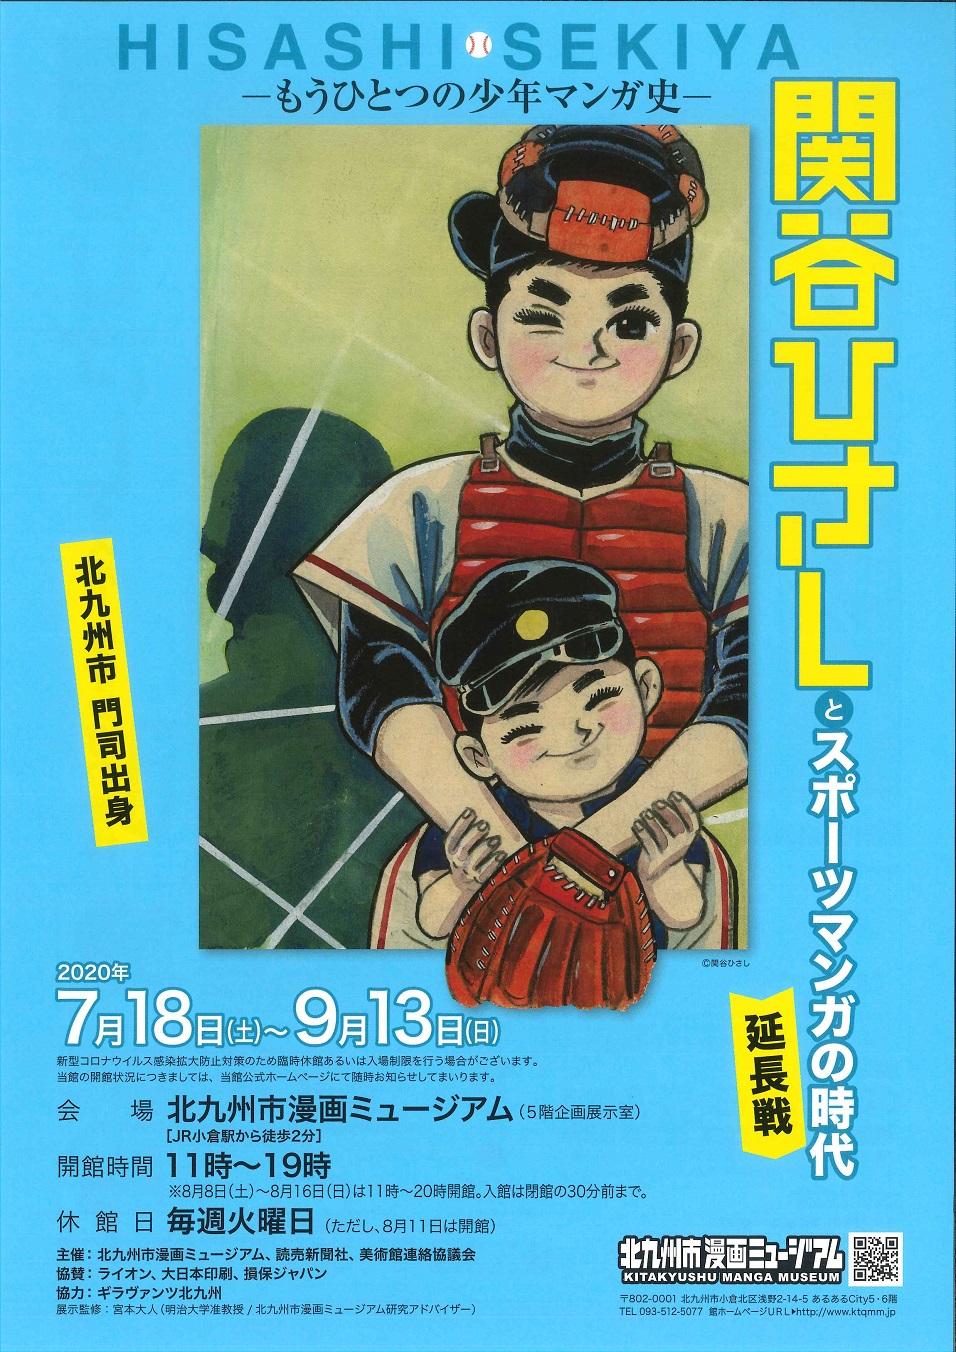 関谷ひさしとスポーツマンガの時代 延長戦―もうひとつの少年マンガ史―<br>(北九州市漫画ミュージアム)